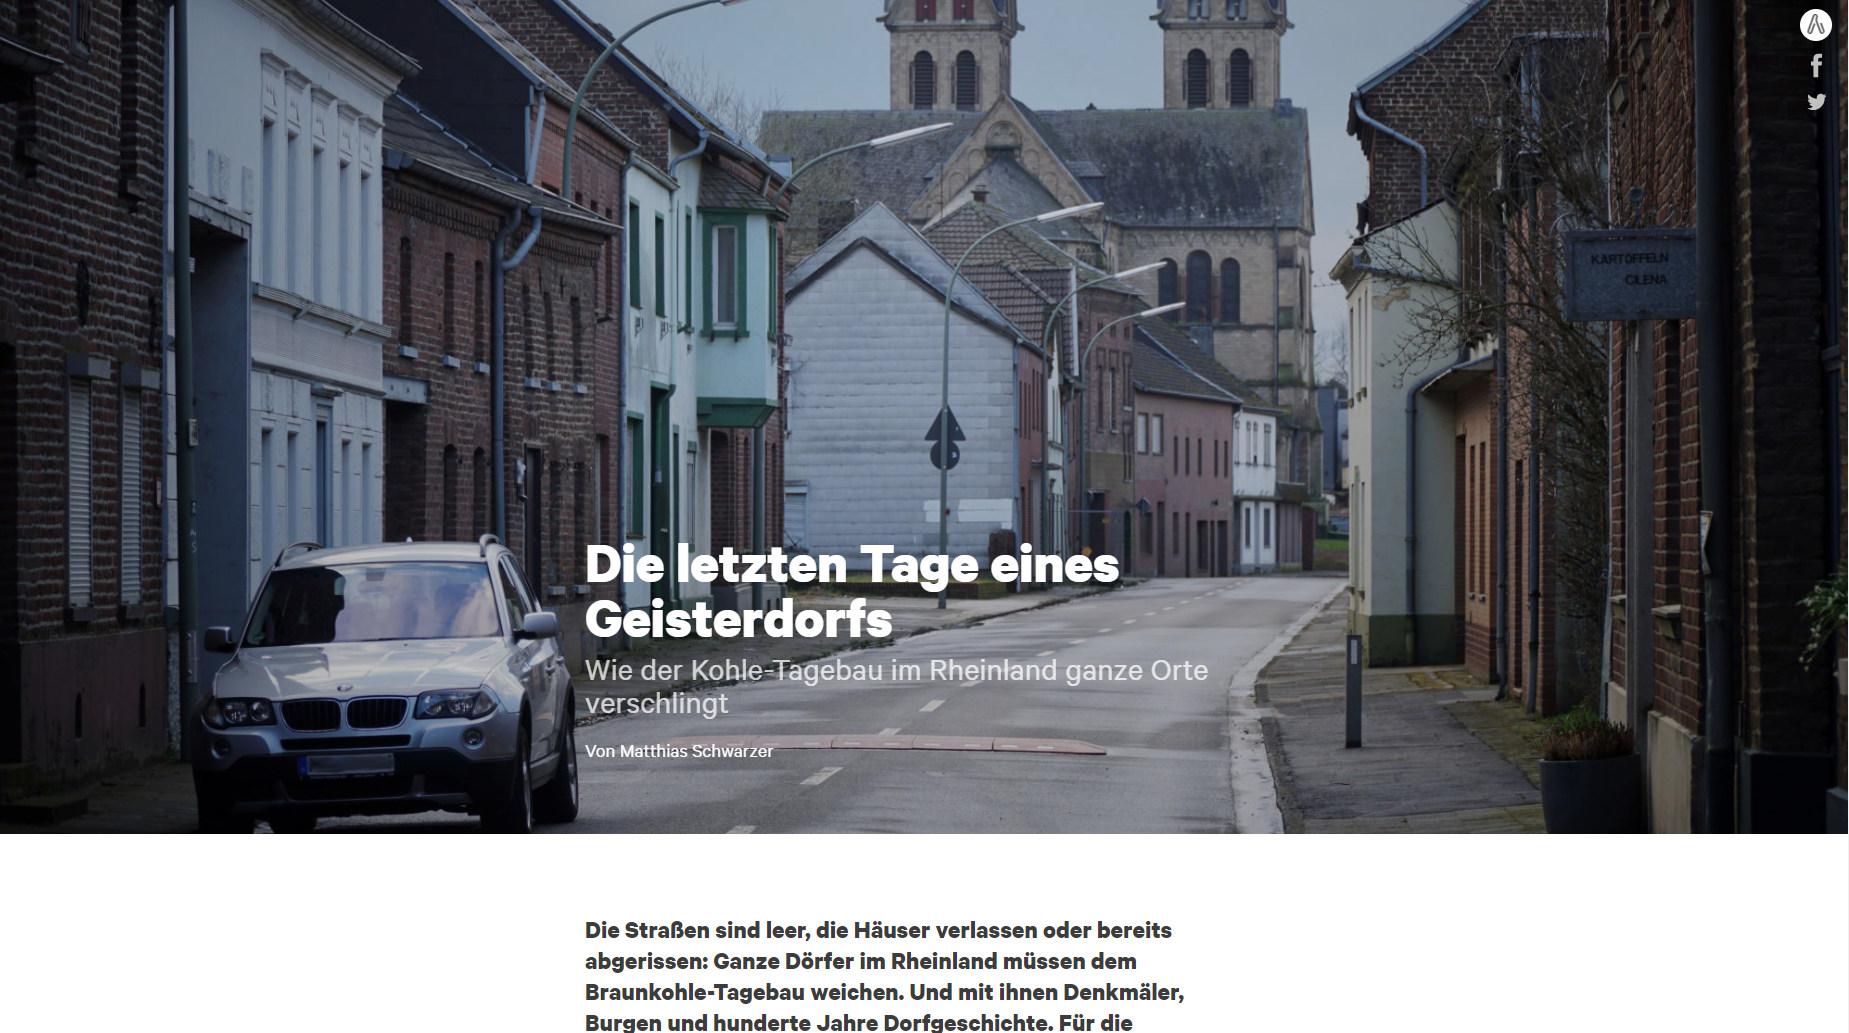 Die letzten Tage eines Geisterdorfes / NW.de Screenshot